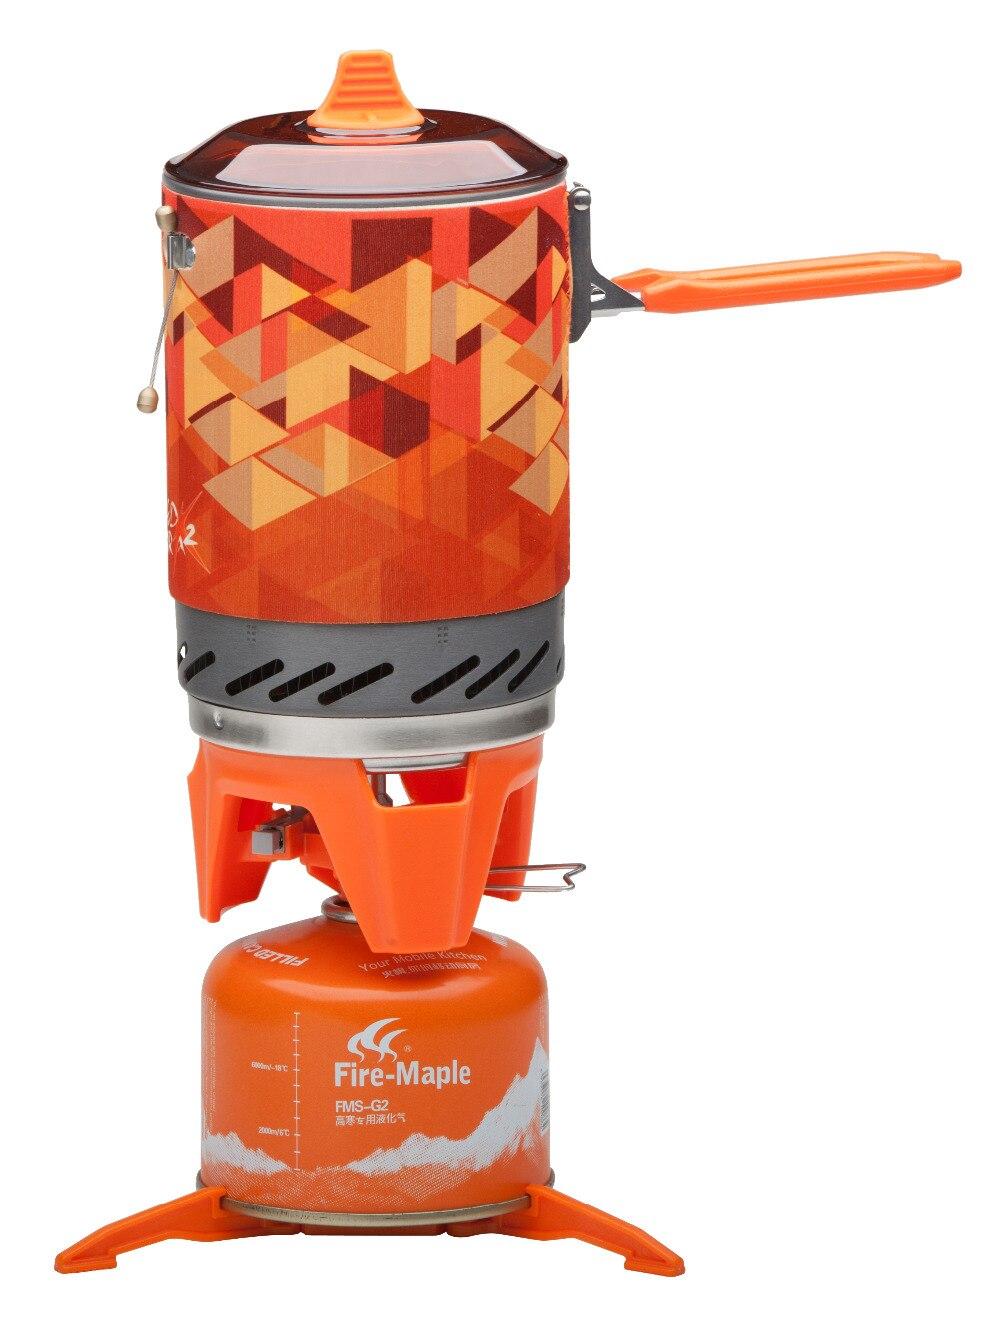 Système de cuisson personnel extérieur érable feu randonnée équipement de Camping OvenPortable meilleur poêle à gaz Propane brûleur ensemble Pot de FMS-X2 - 2